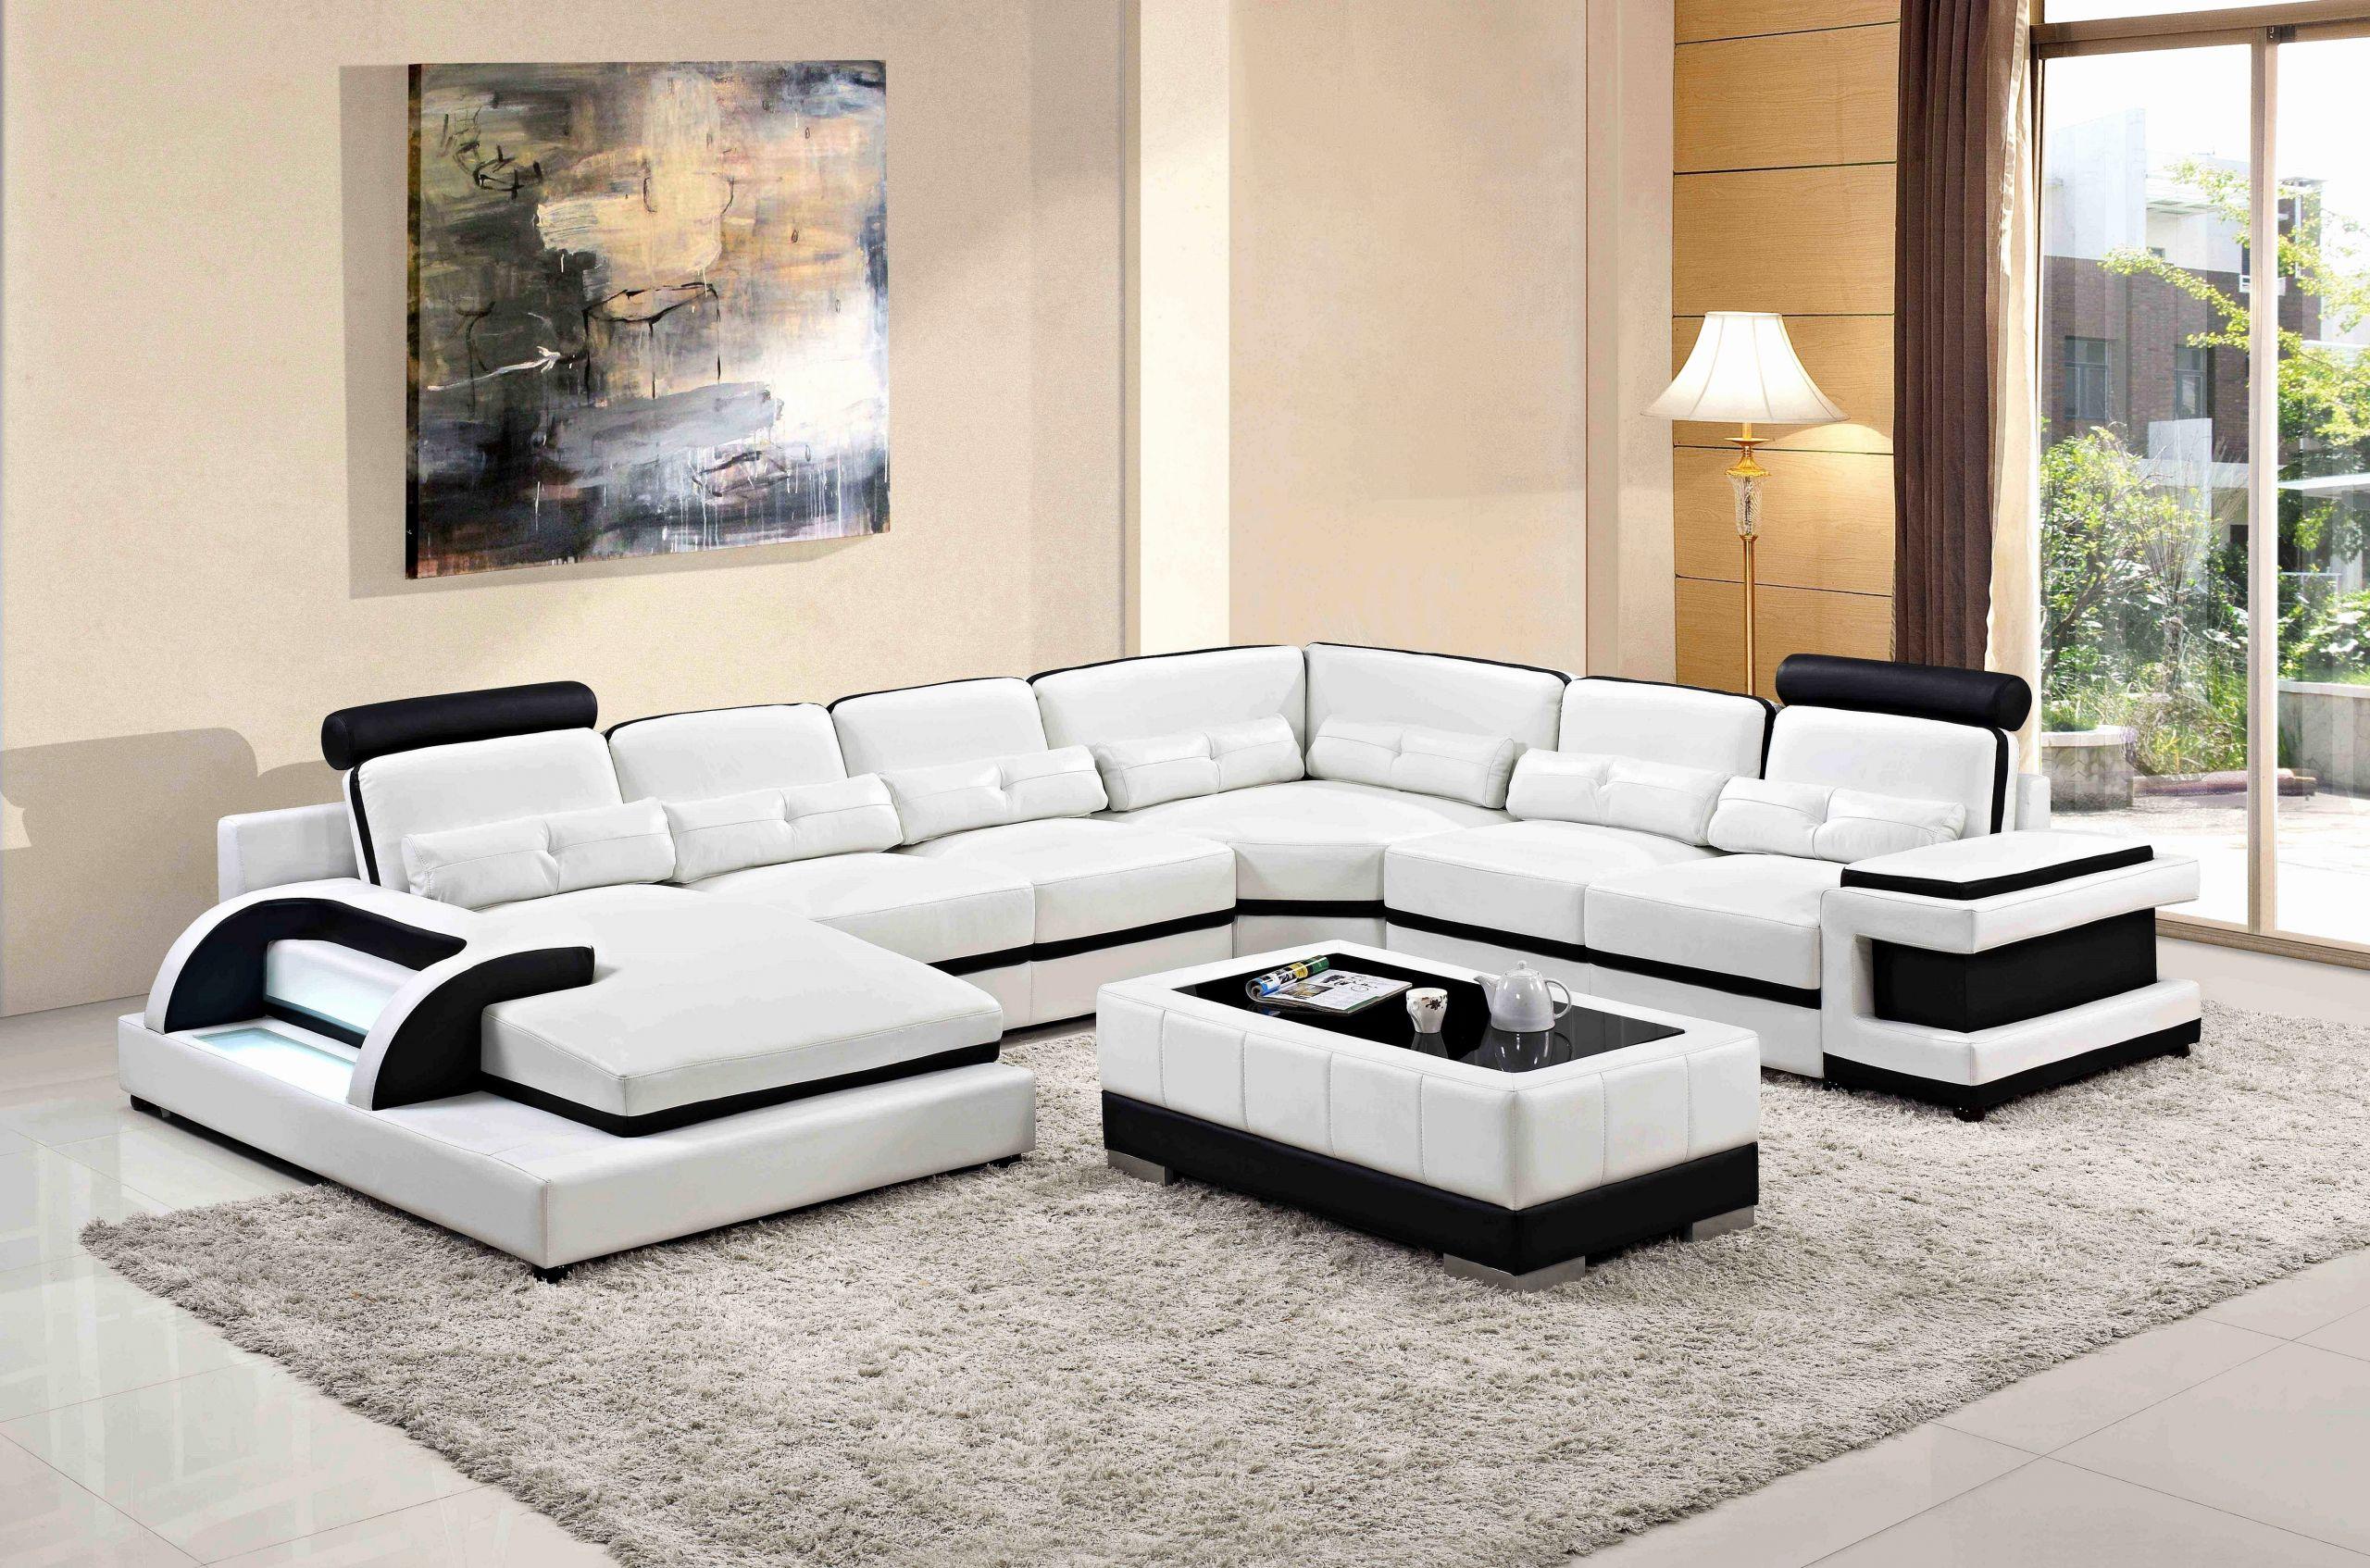 canape pour veranda genial 31 special canape pour veranda manuel desica designs of canape pour veranda